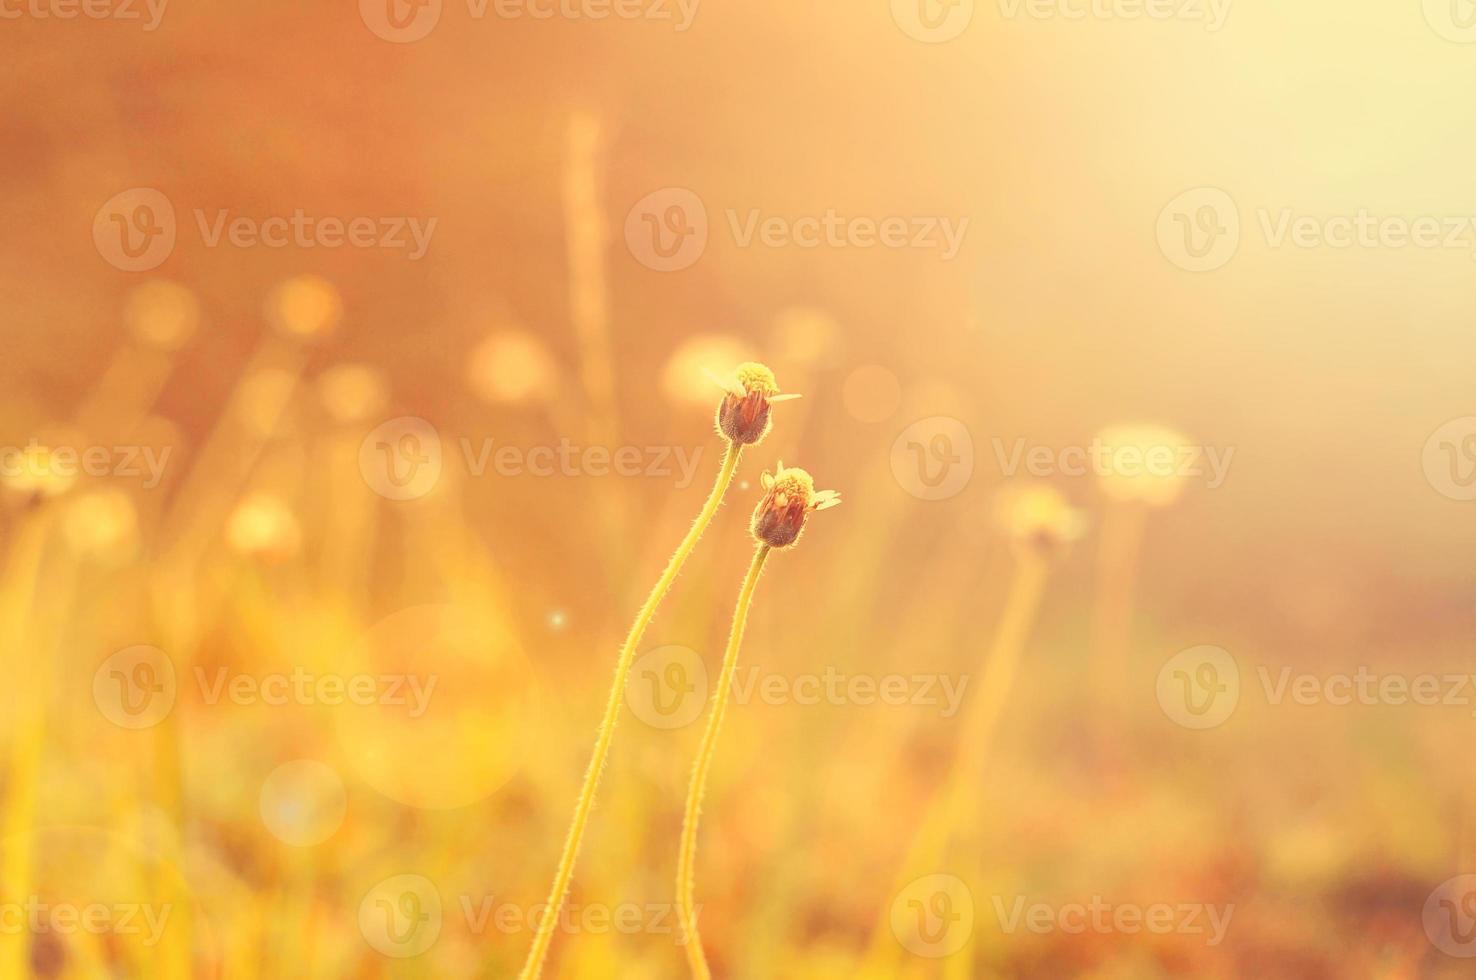 wilde bloem met lensflare. foto